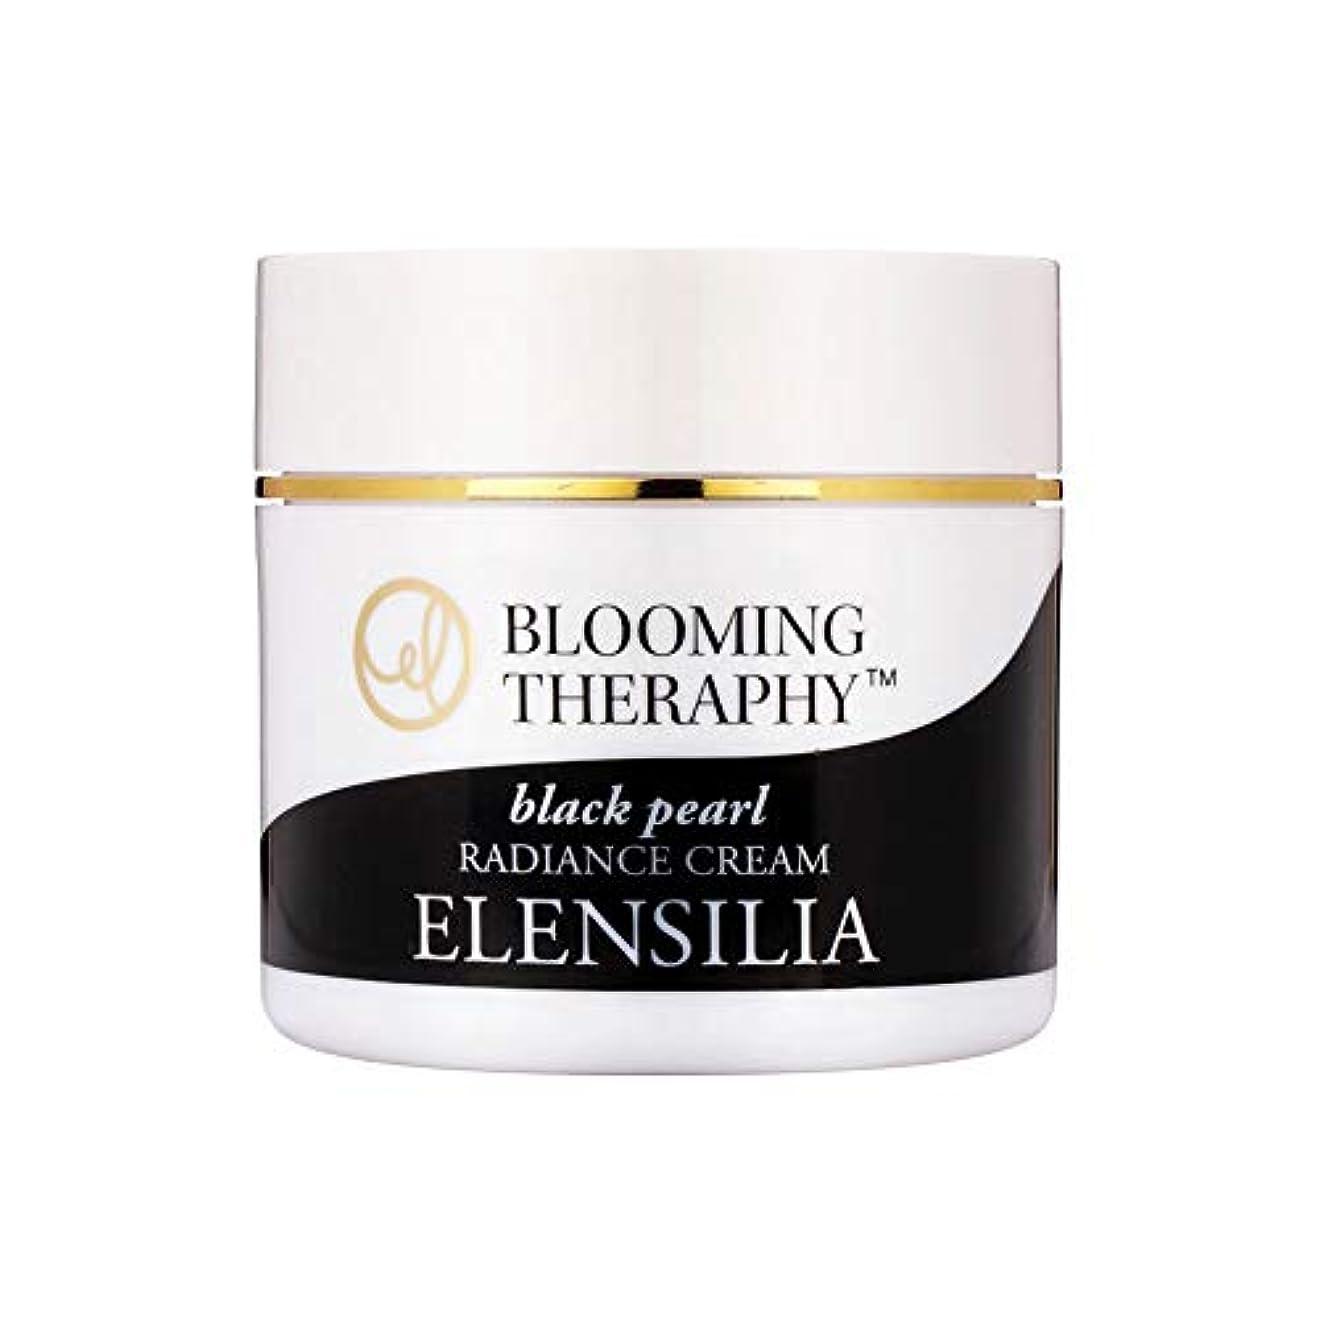 限りなくチューブ祈りエルレンシルラElensilia 韓国コスメ ブルーミングセラピー黒真珠ラディアンスクリーム50g 海外直送品 Blooming Theraphy Black Pearl Radiance Cream [並行輸入品]